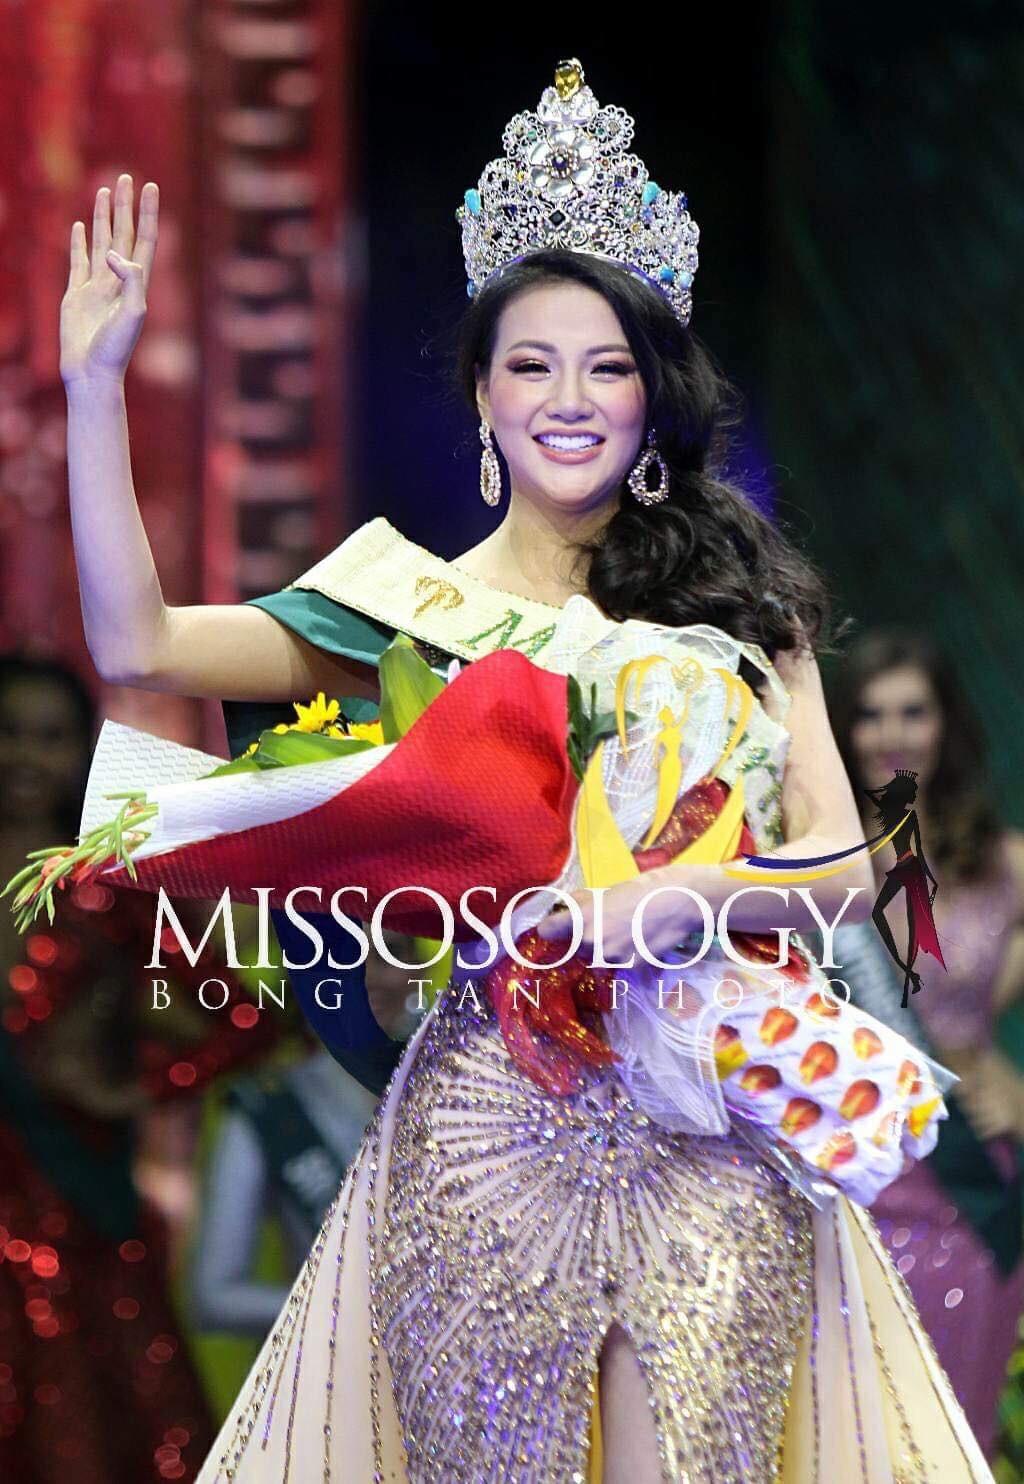 Công bố Top 25 cô gái đẹp nhất thế giới, bất ngờ với vị trí của HHen Niê, Phương Khánh và Minh Tú - Ảnh 4.